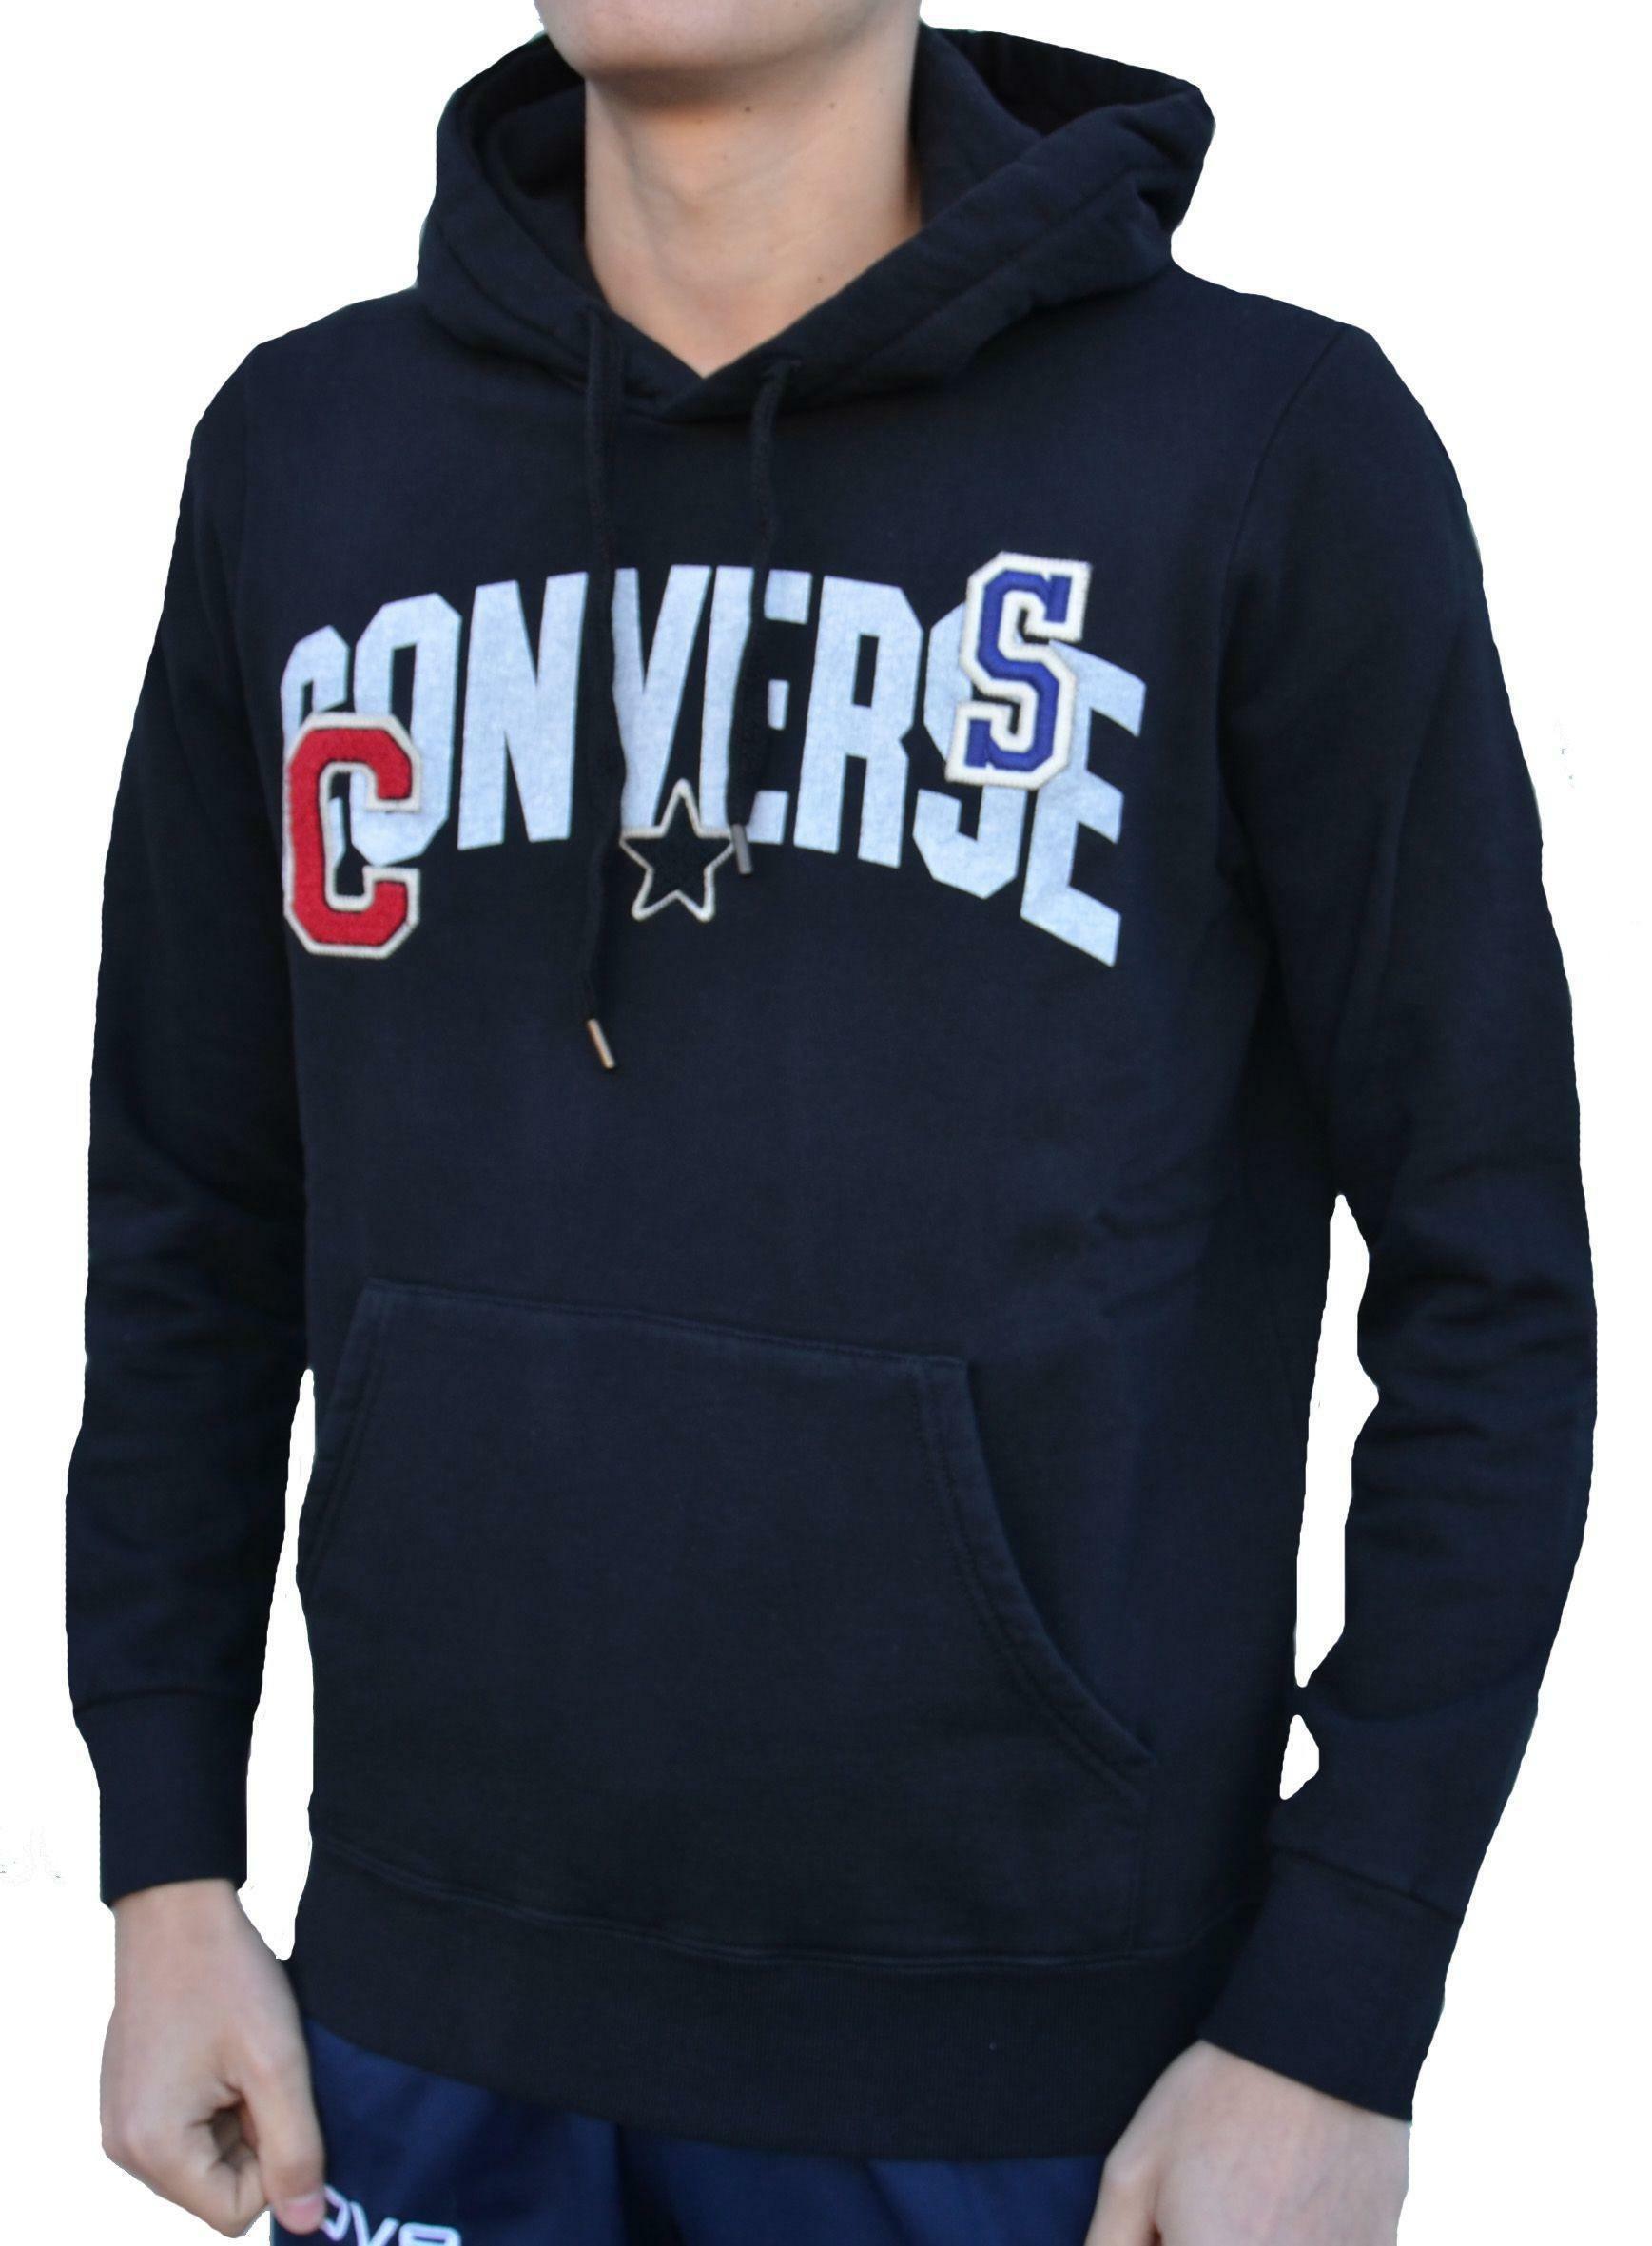 converse converse fleece felpa logo patches cotone felpato uomo nera